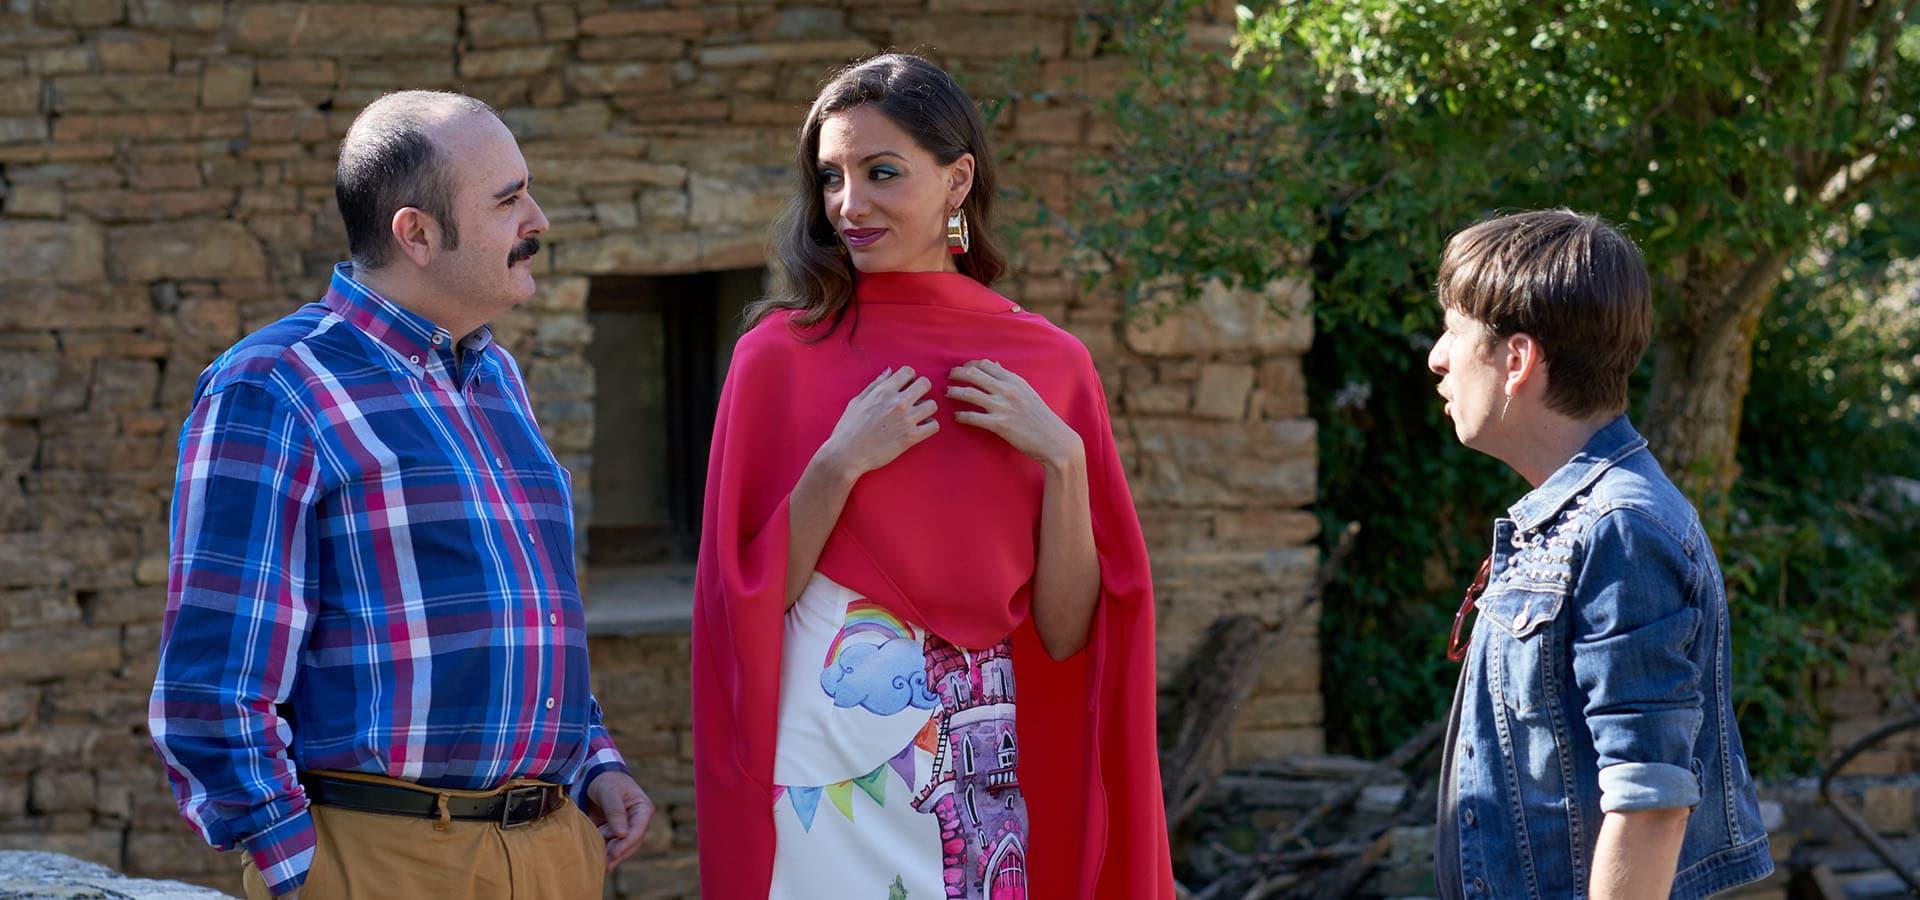 Carlos Areces, María Hervás y Jordi Vilches en rodaje